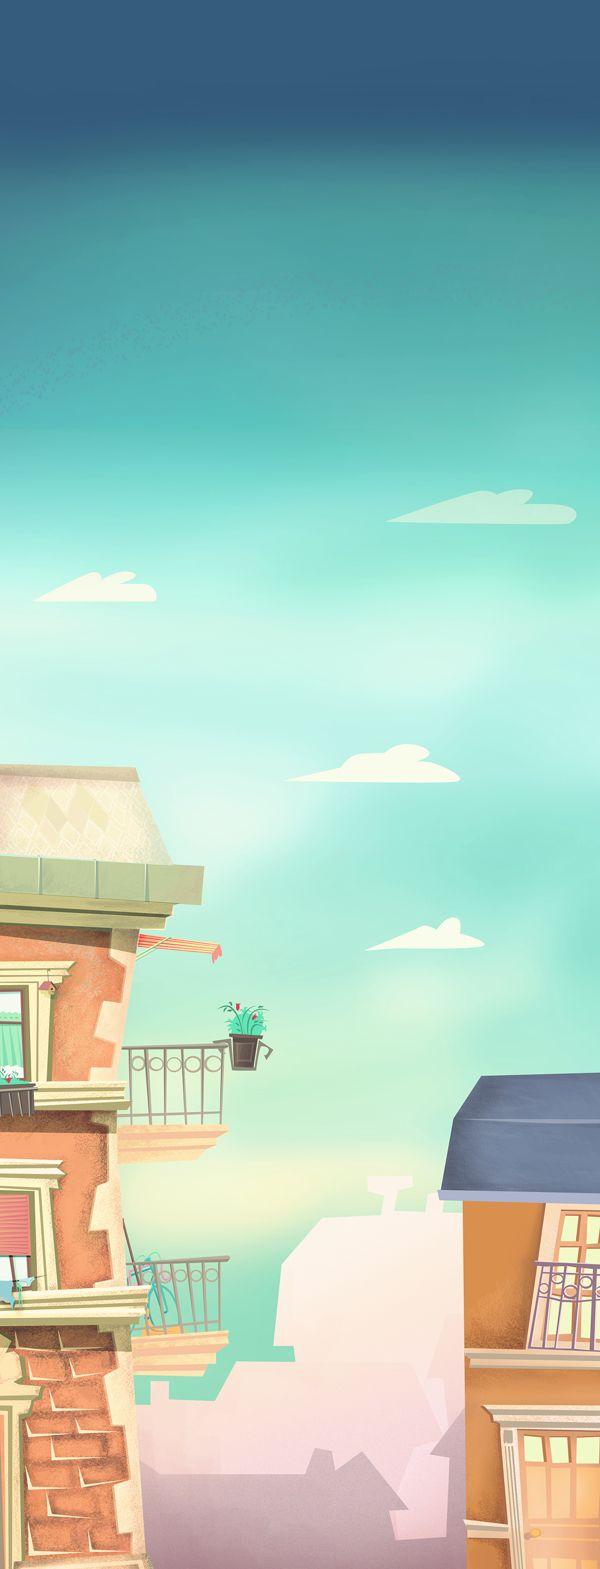 Loti & Futi - episode   by Sofia Laszlovszky, via Behance